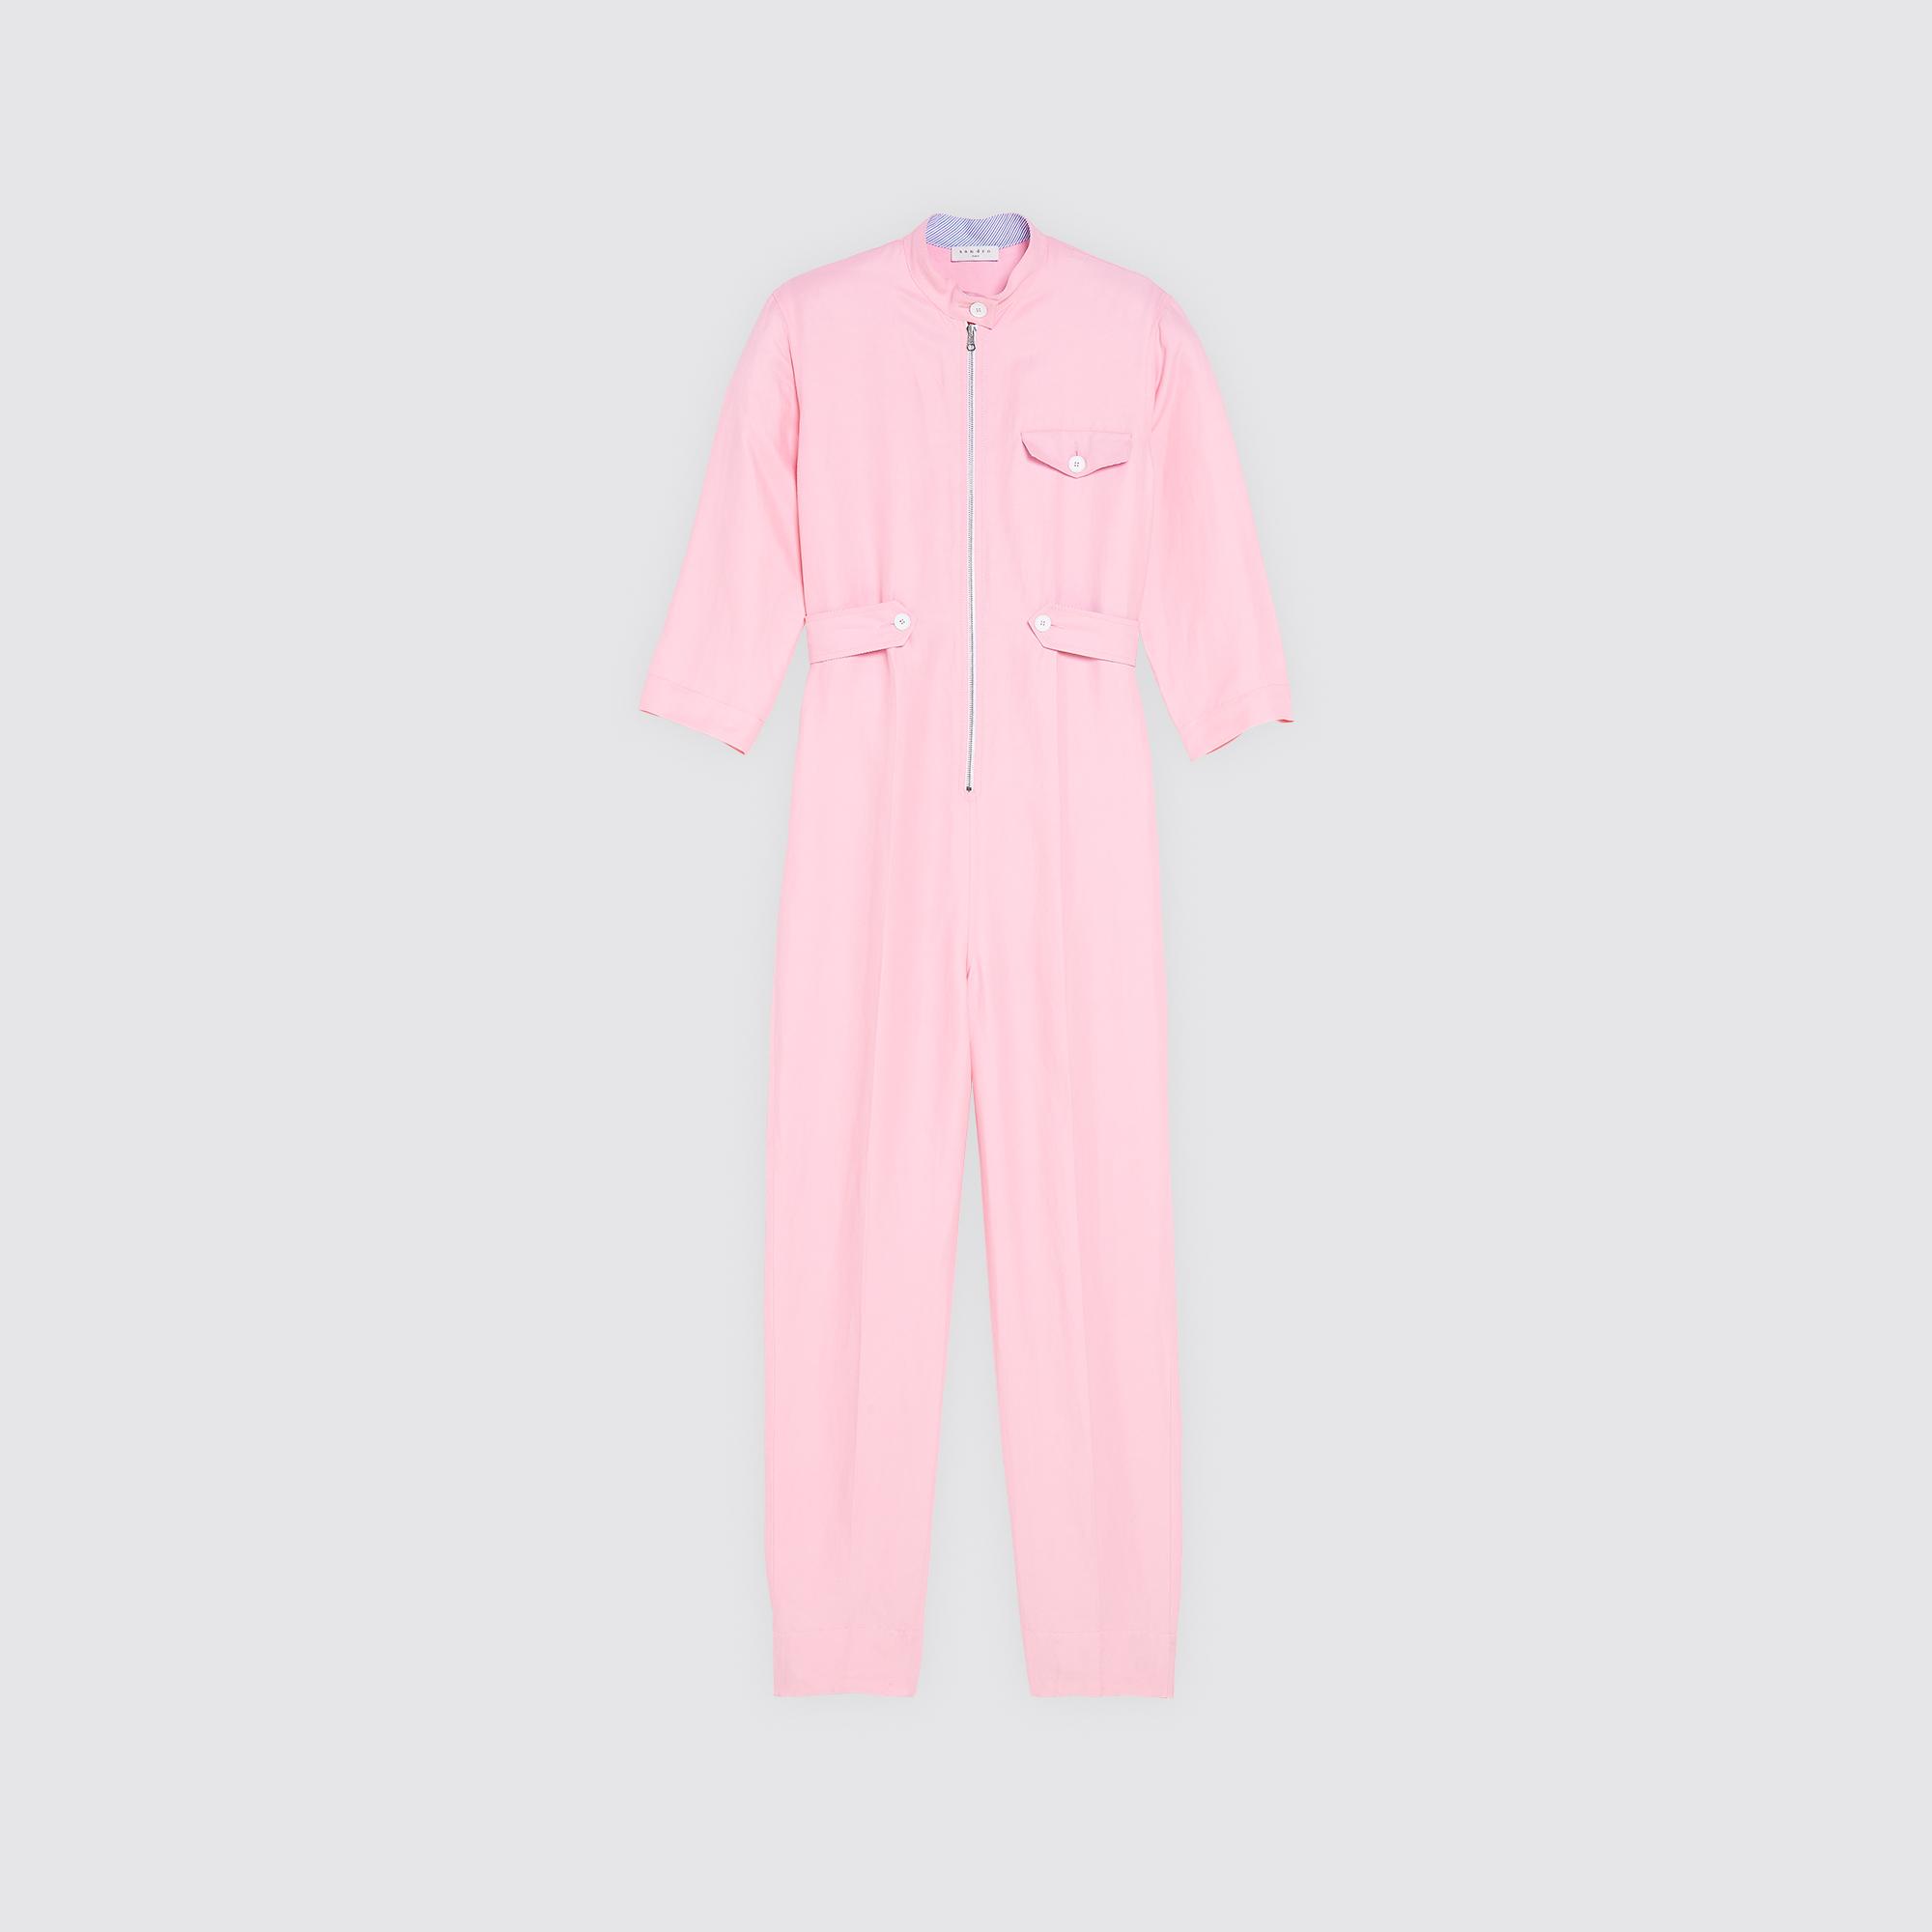 7f9251d269c1 ... Pink jumpsuit   JP-RE-FSelectionPAP color Light Pink